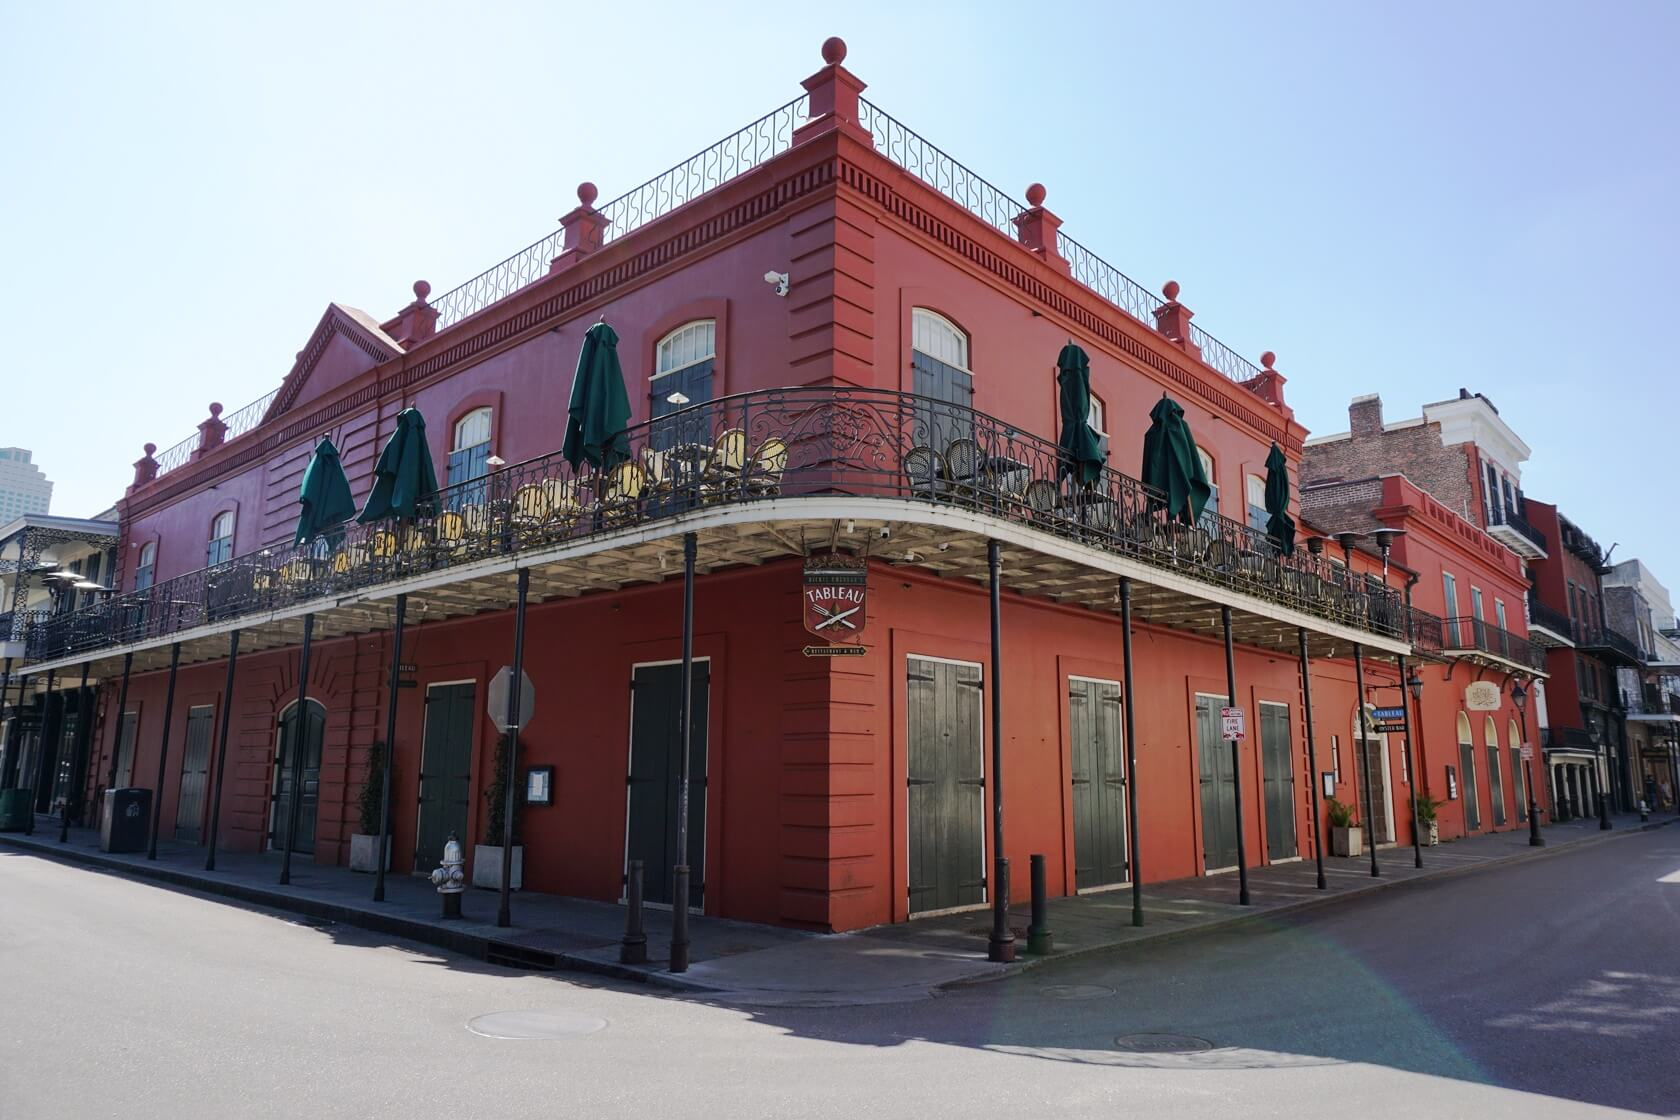 Let Petit Theatre & Tableau Restaurant